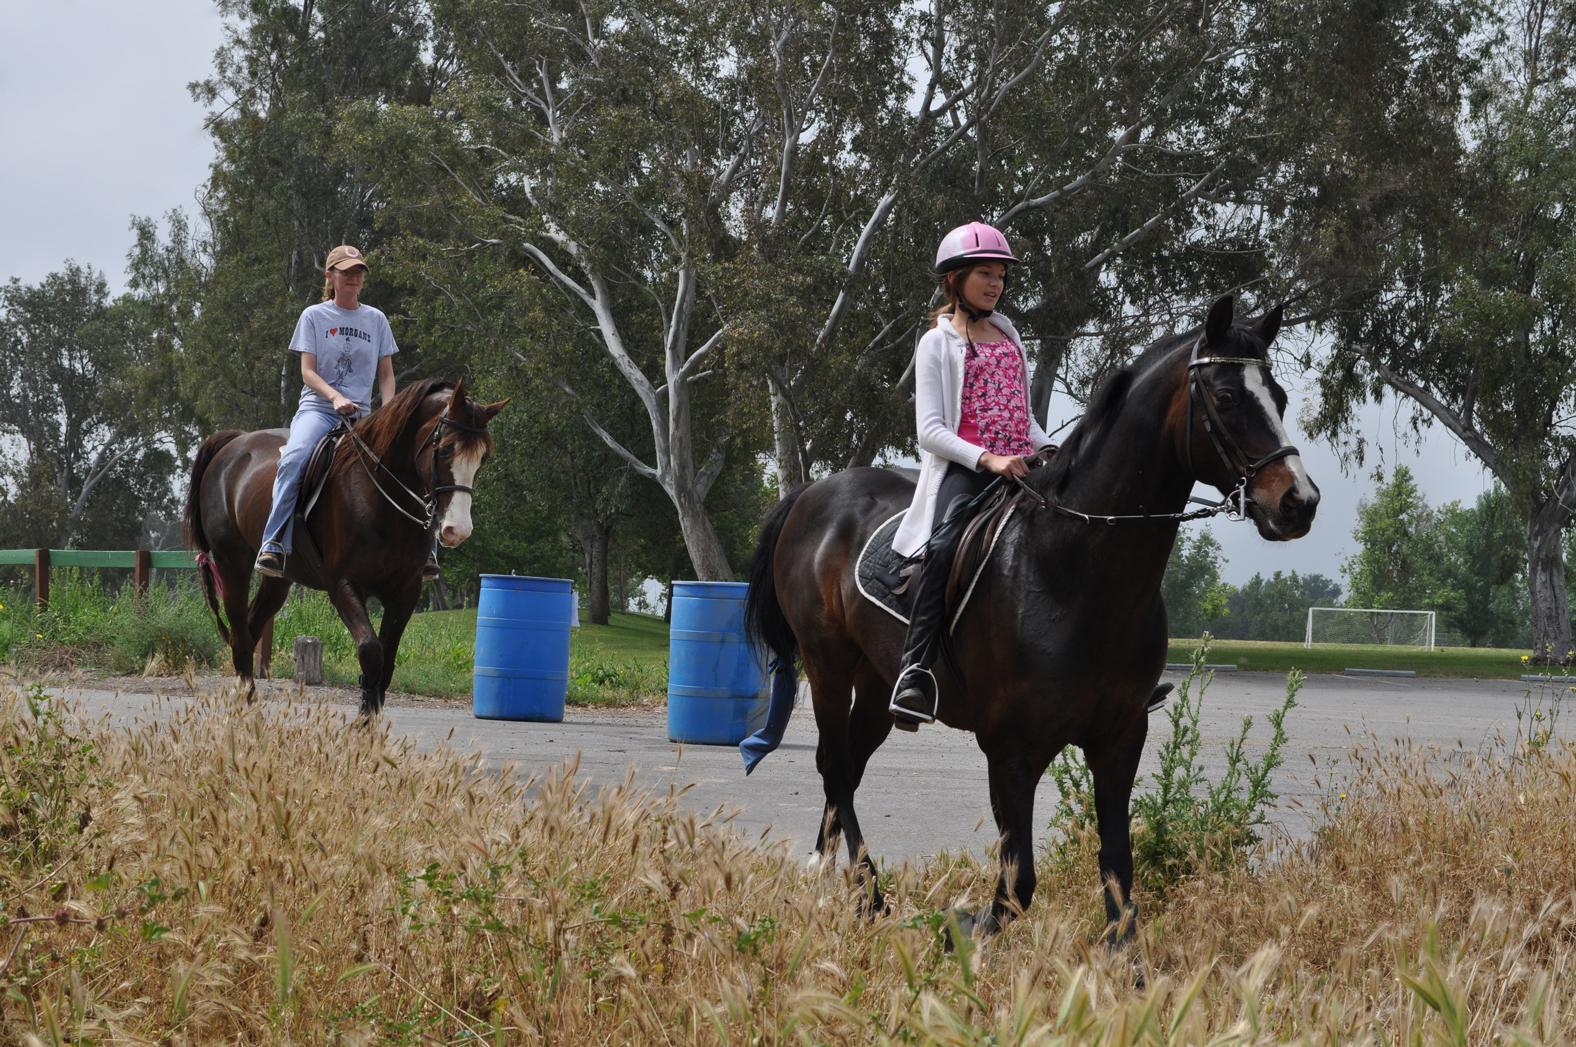 Horse riders at Prado